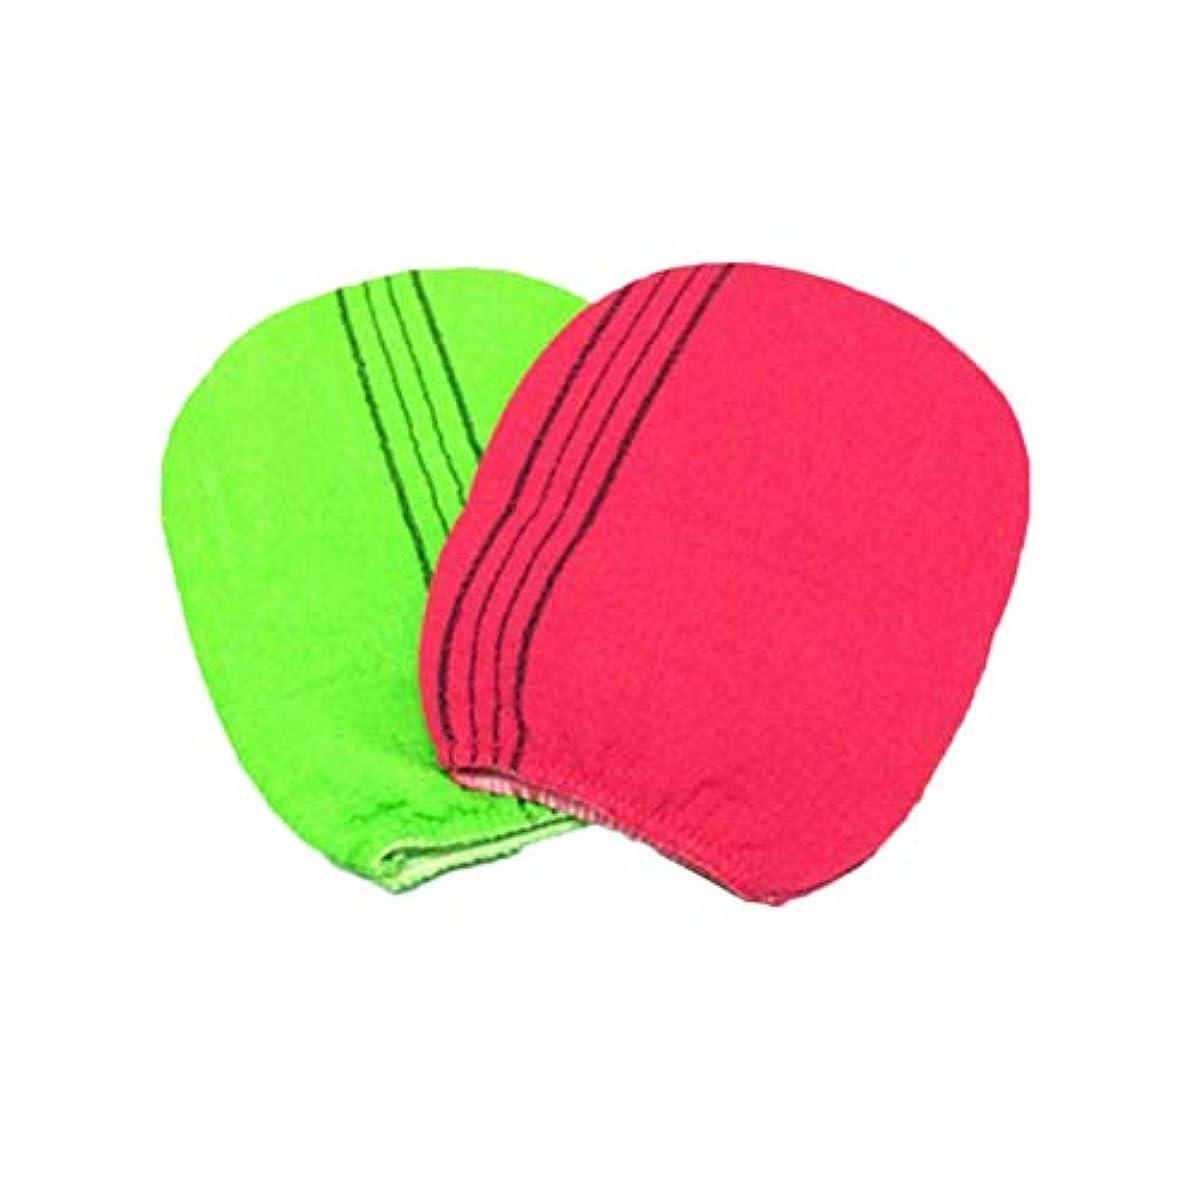 パスキリマンジャロ冷凍庫Beaupretty 2ピース入浴手袋風呂ミットラビング手袋剥離手袋シャワーバスタオル(ランダムカラー)